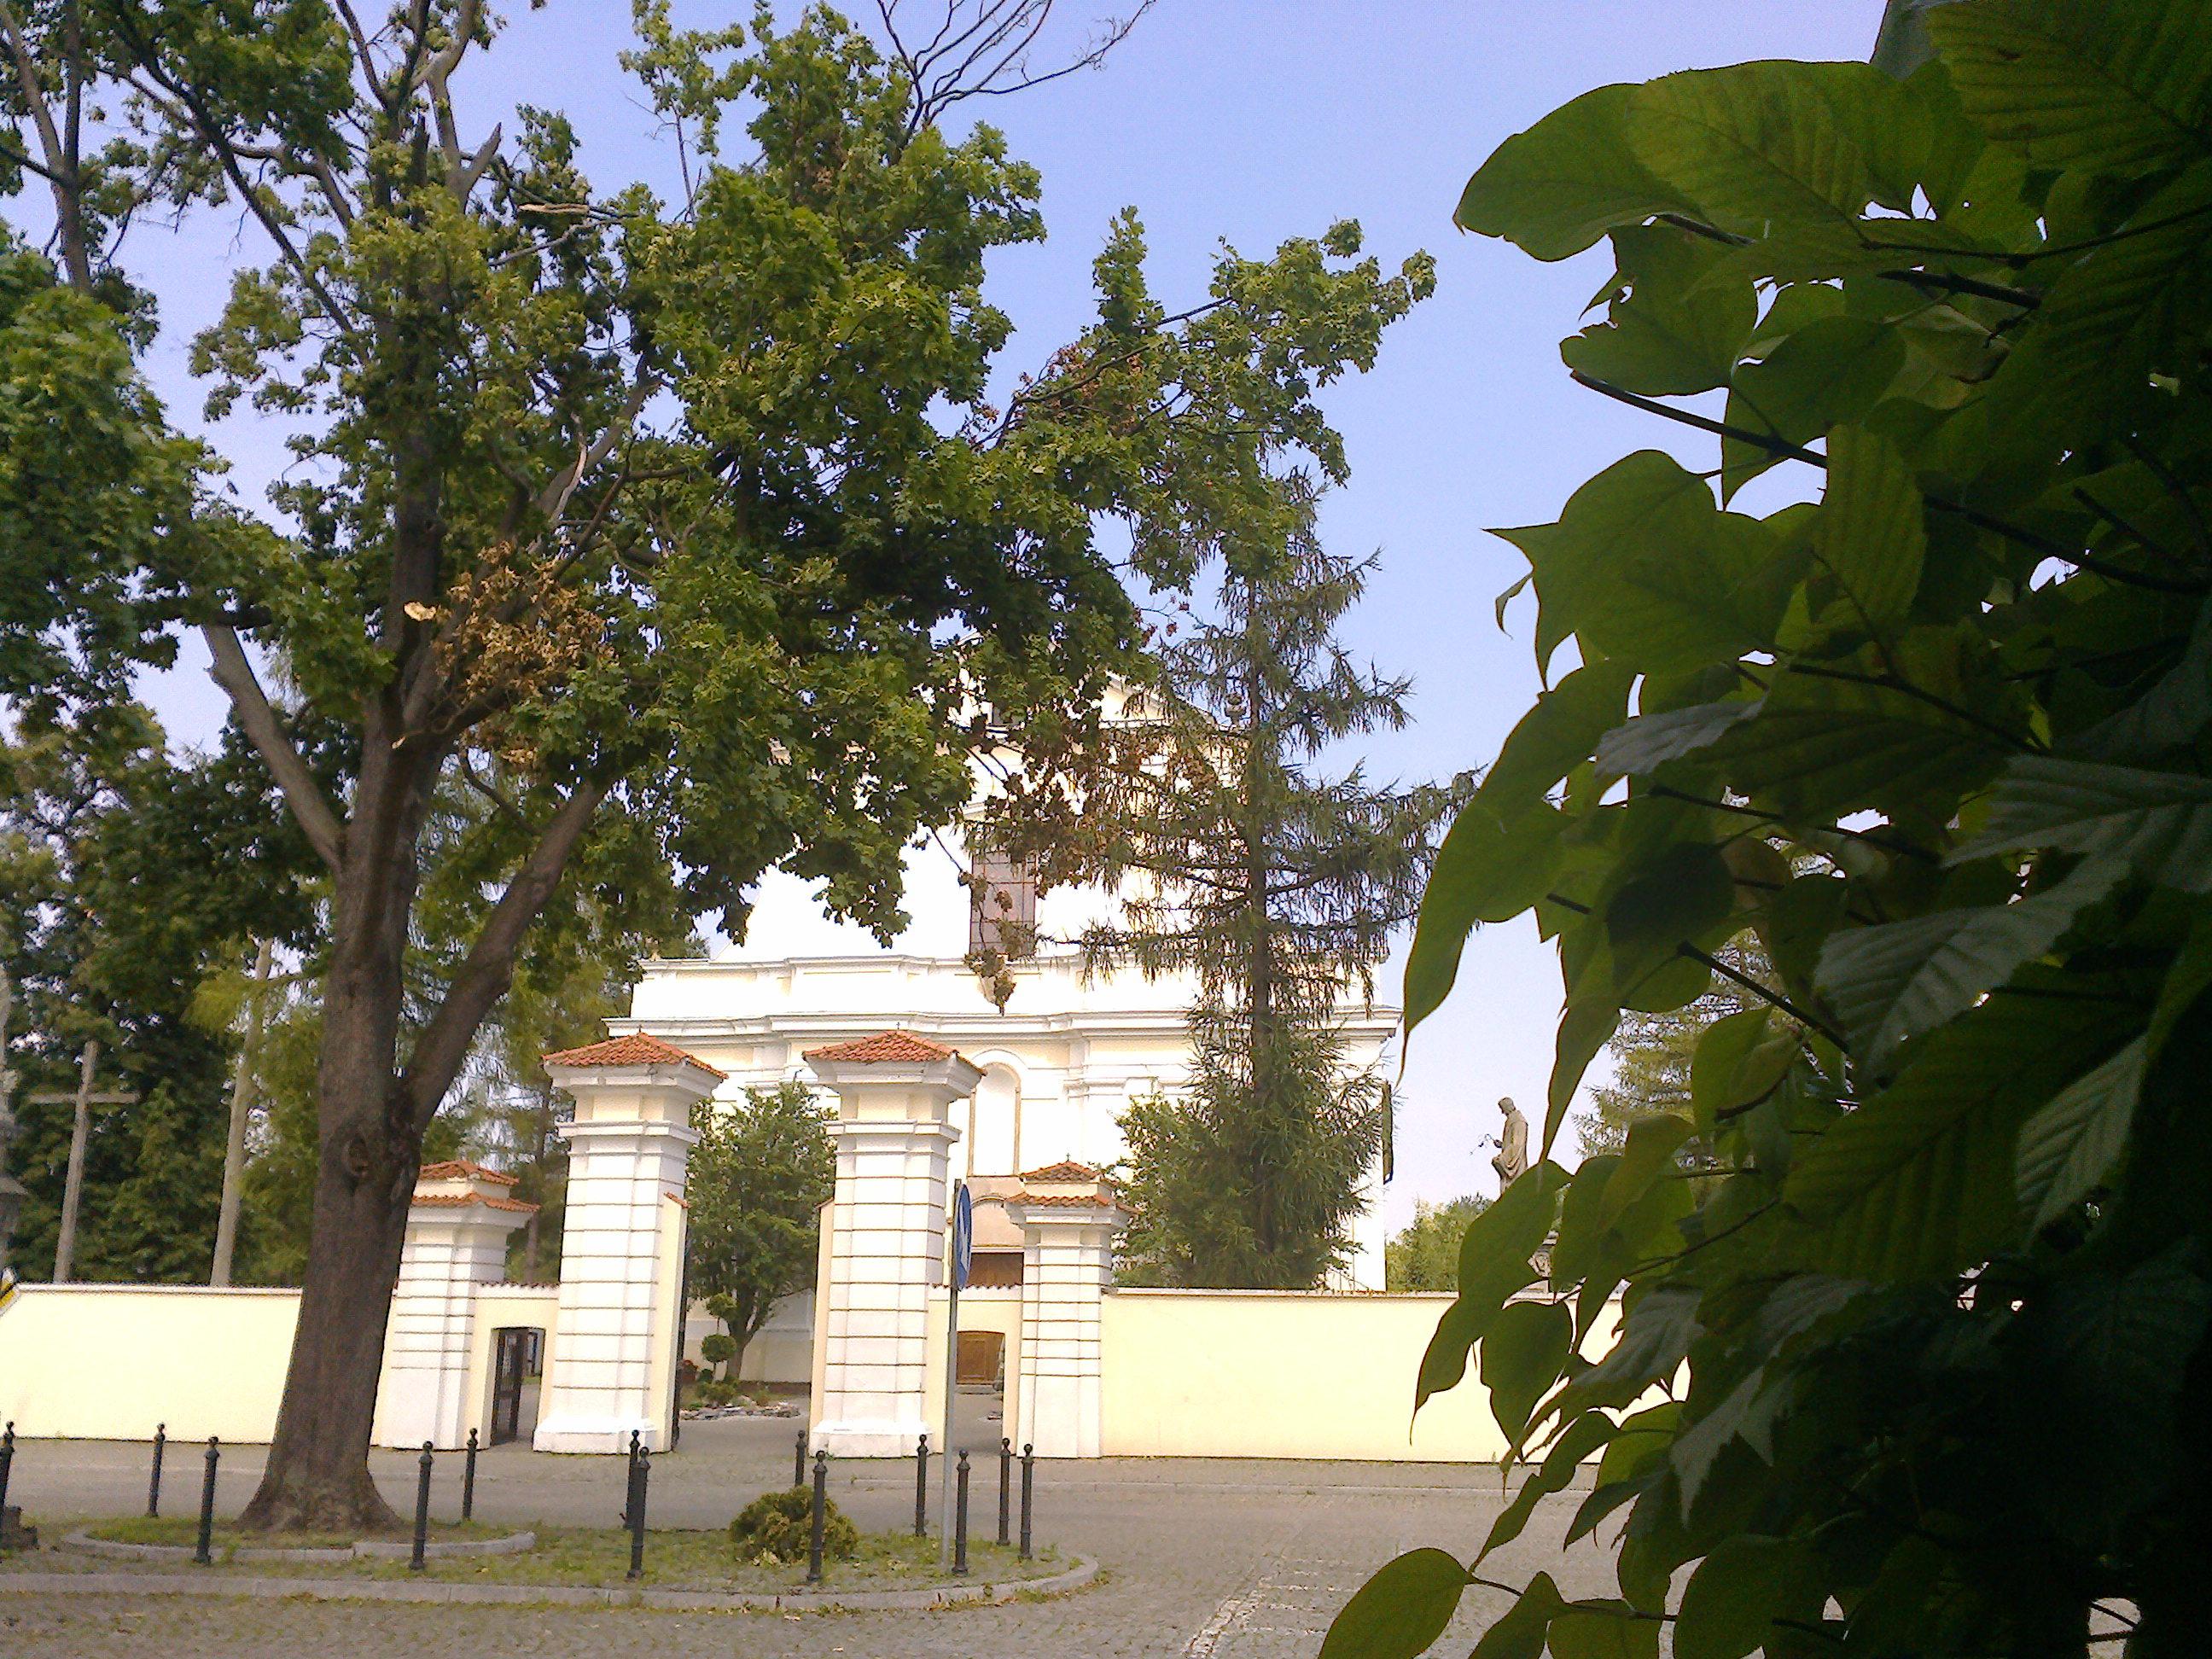 Kościół - widok z ogrodów plebanii